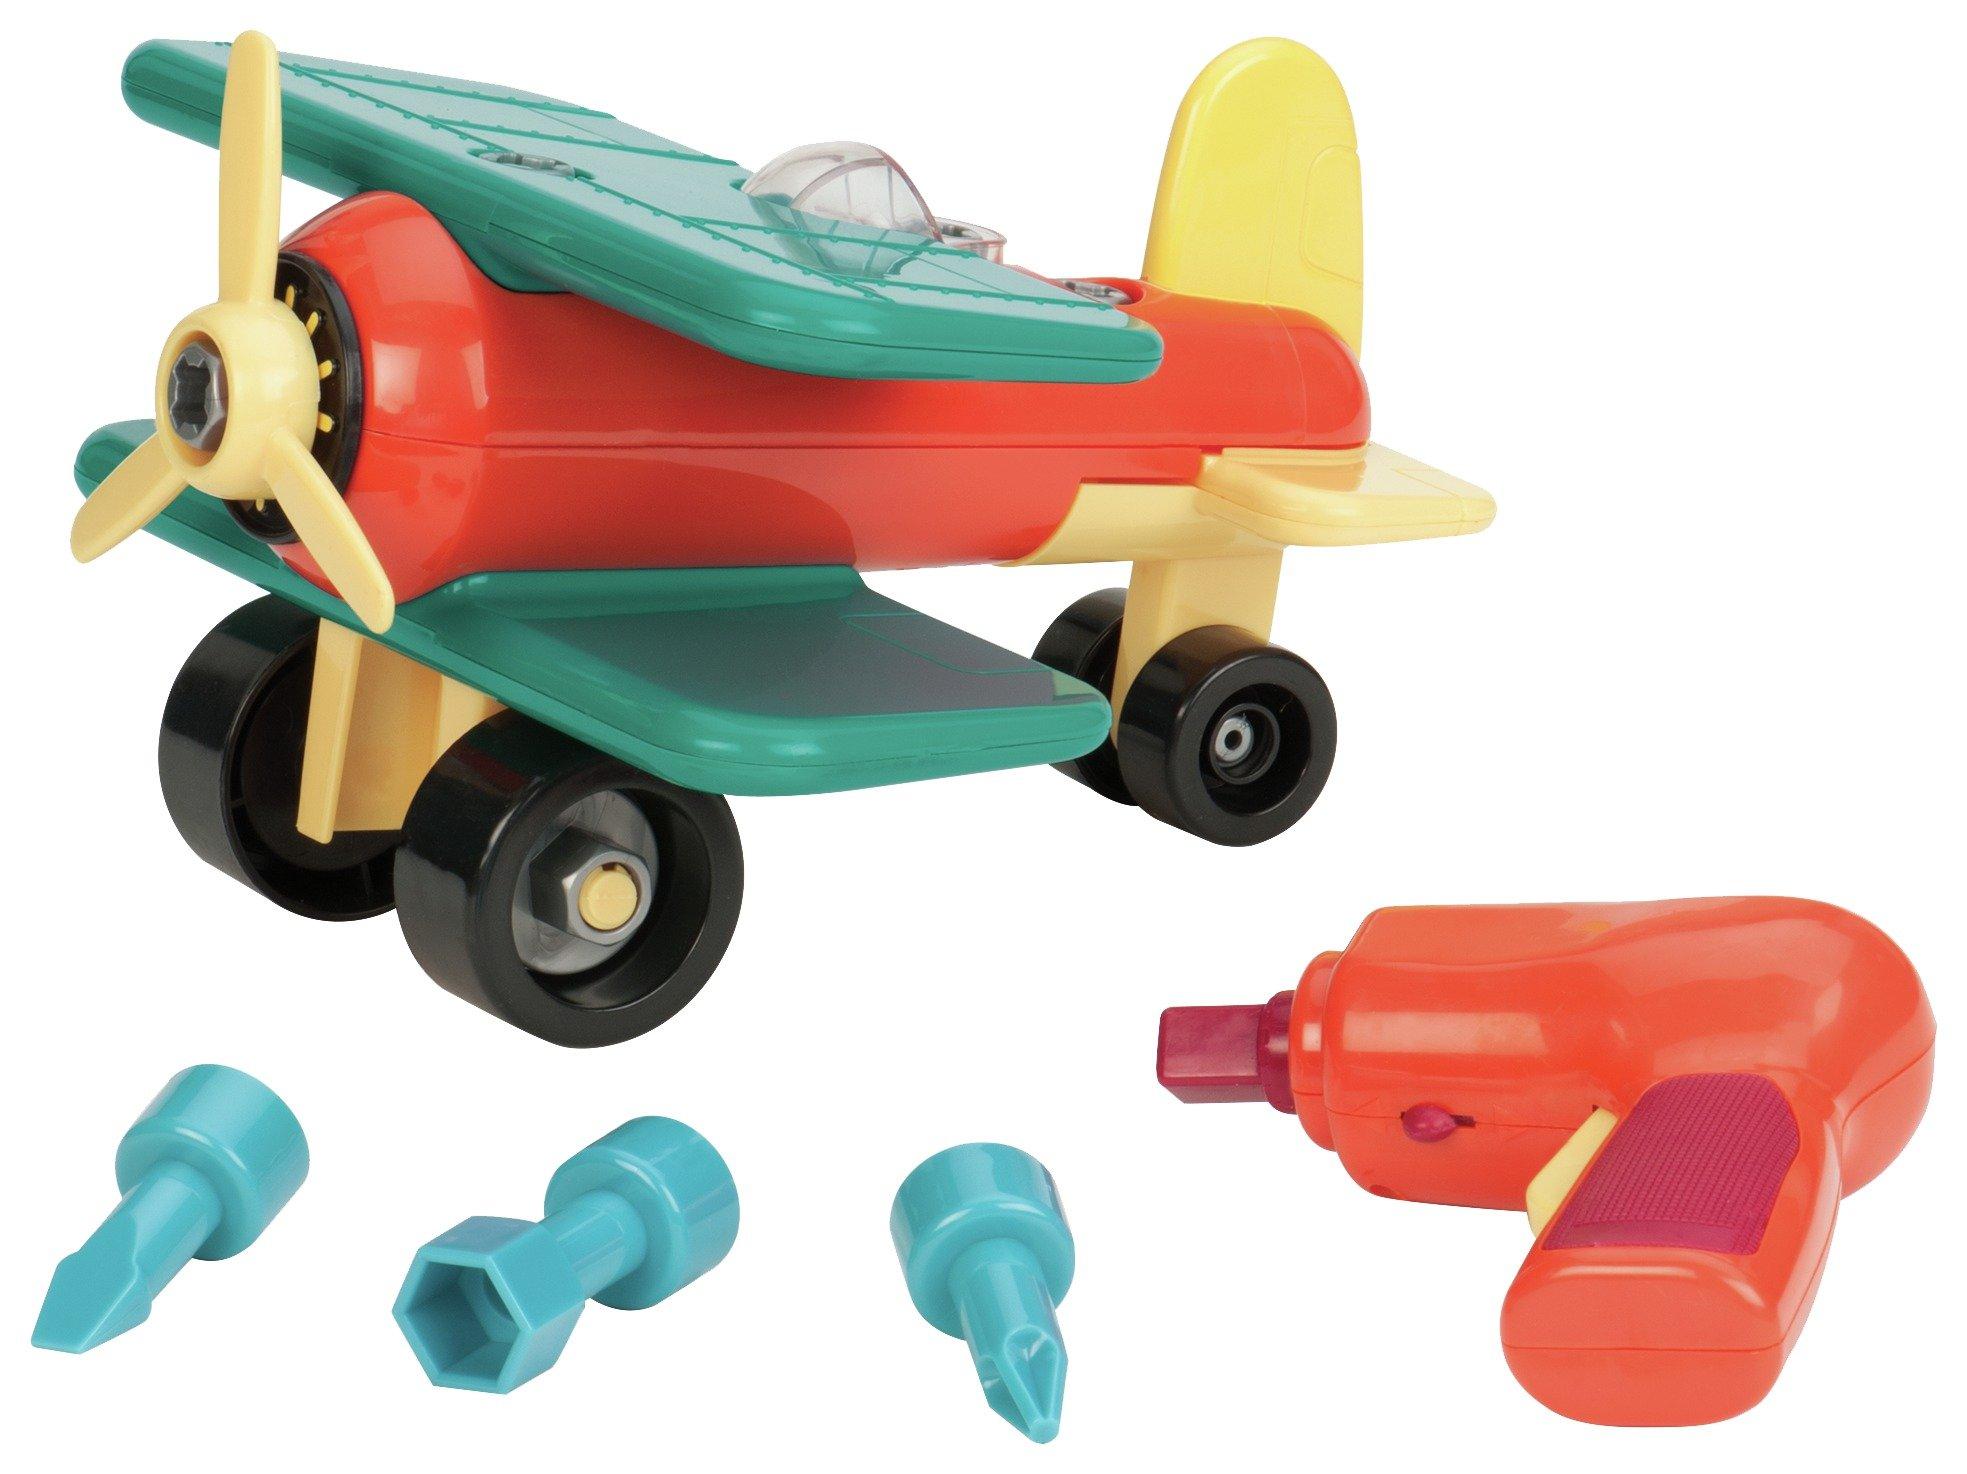 Image of Battat Take Apart Airplane.